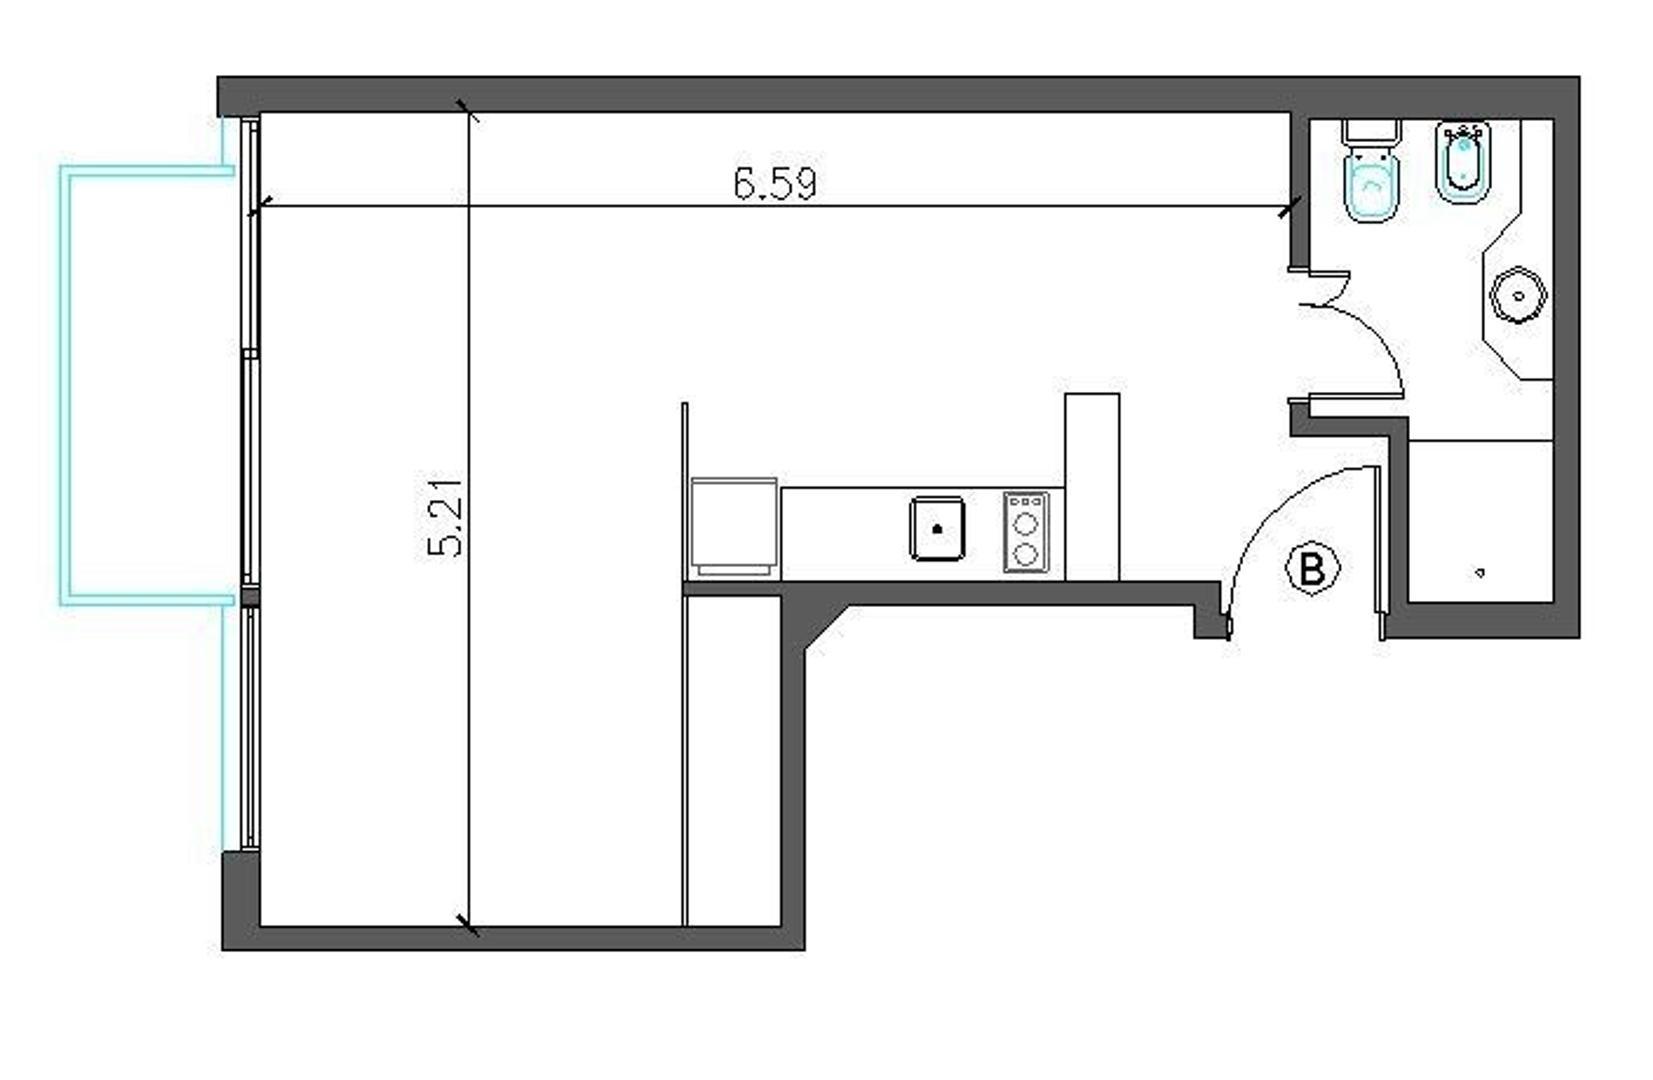 A ESTRENAR 1 ambiente divisible al frente con balcón y cochera.